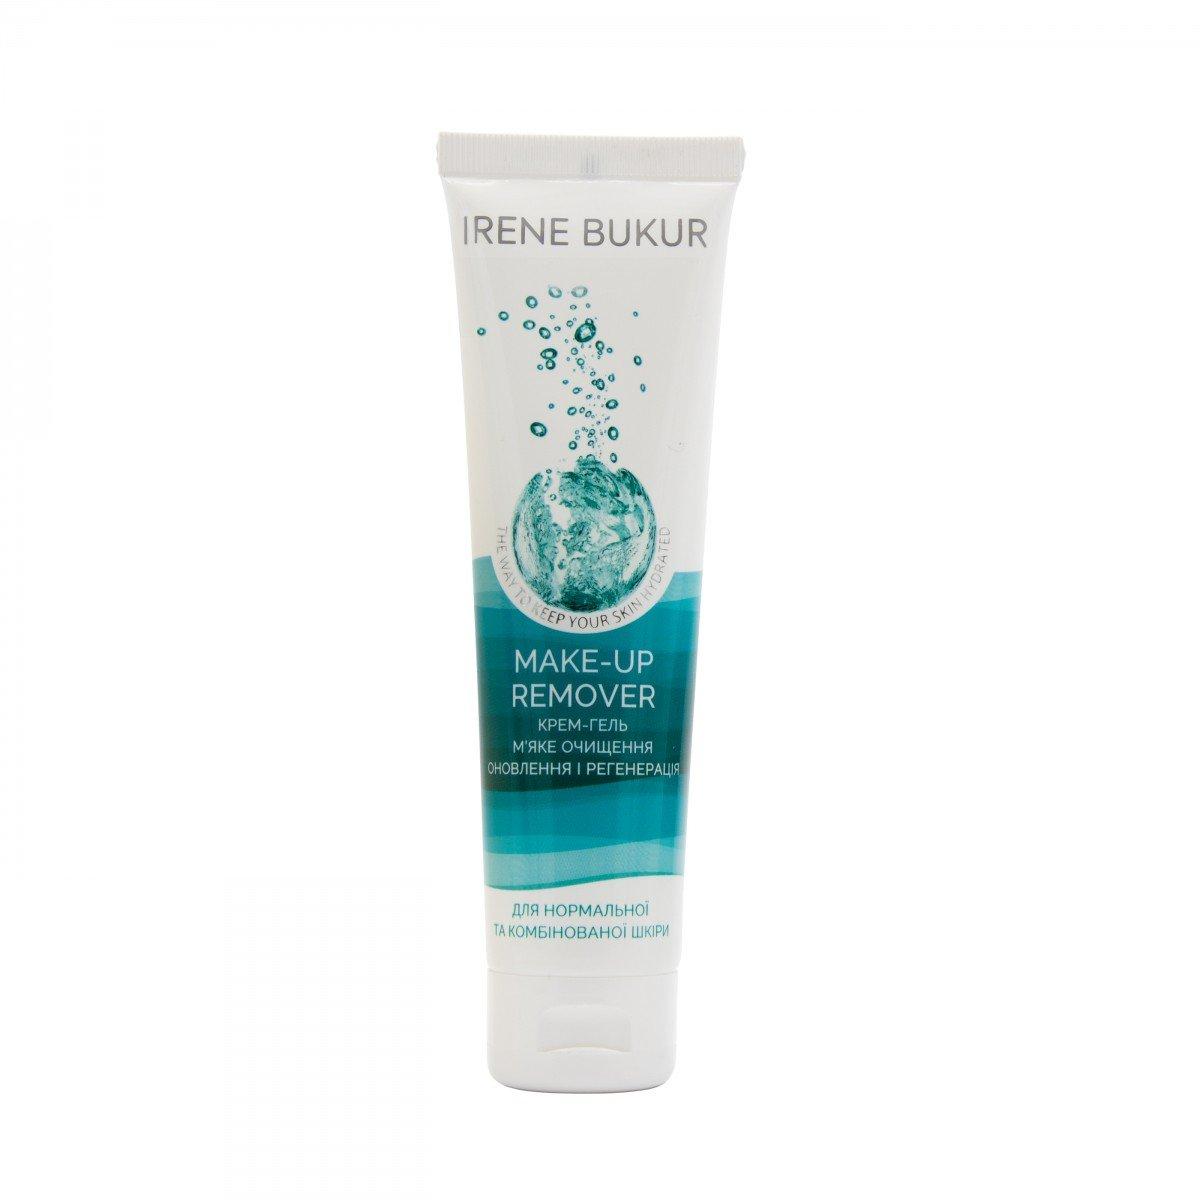 Крем-гель демакияж для лица  Make UP Remover для нормальной и комбинированной кожи, 90 г